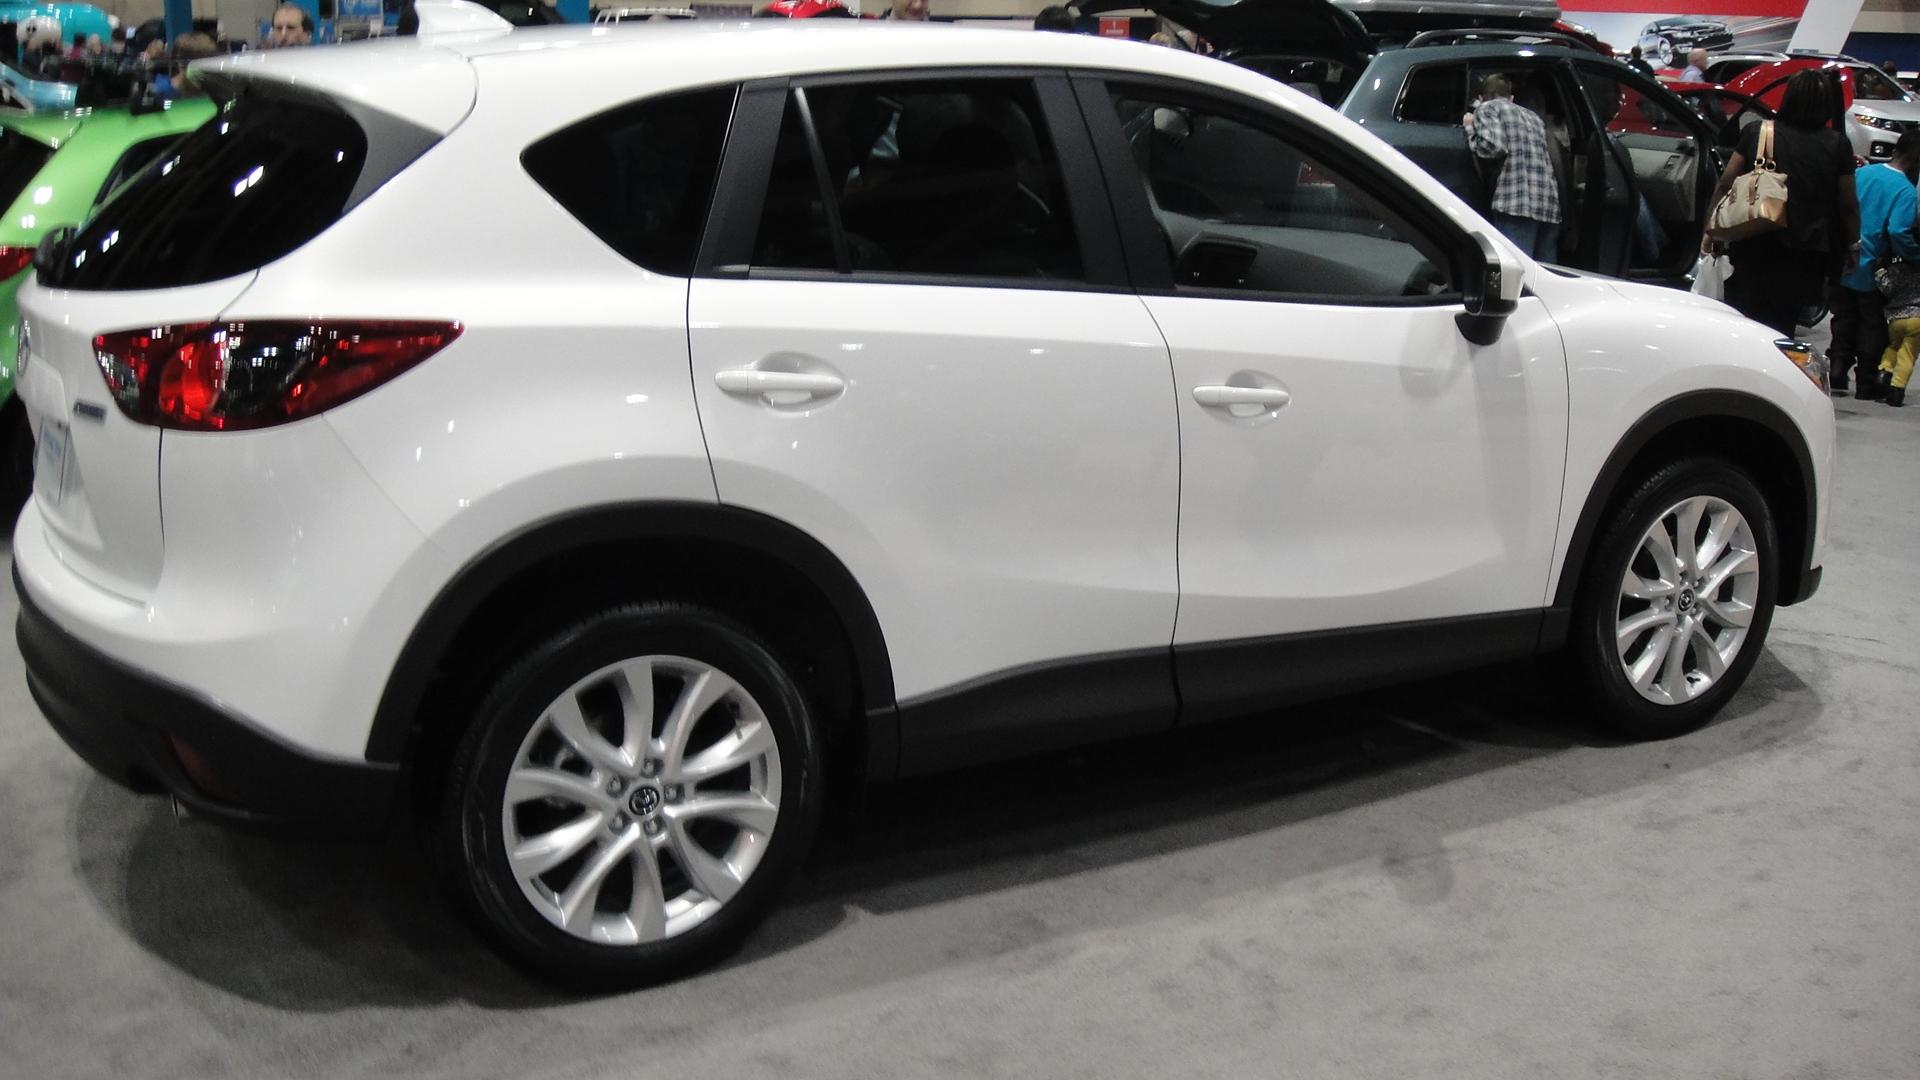 Mazda CX-5 2013: Presentando la nueva cara. | ALSRAC ...